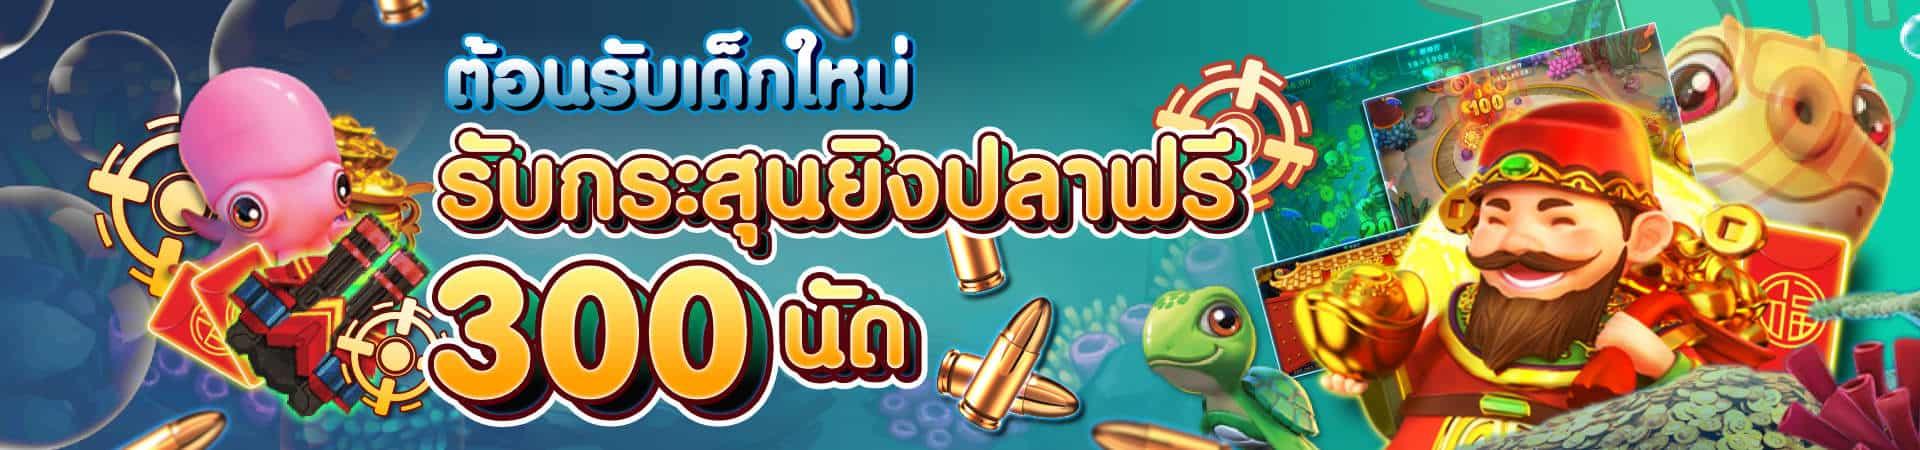 เกมส์ยิงปลา ฝากขั้นต่ำ100